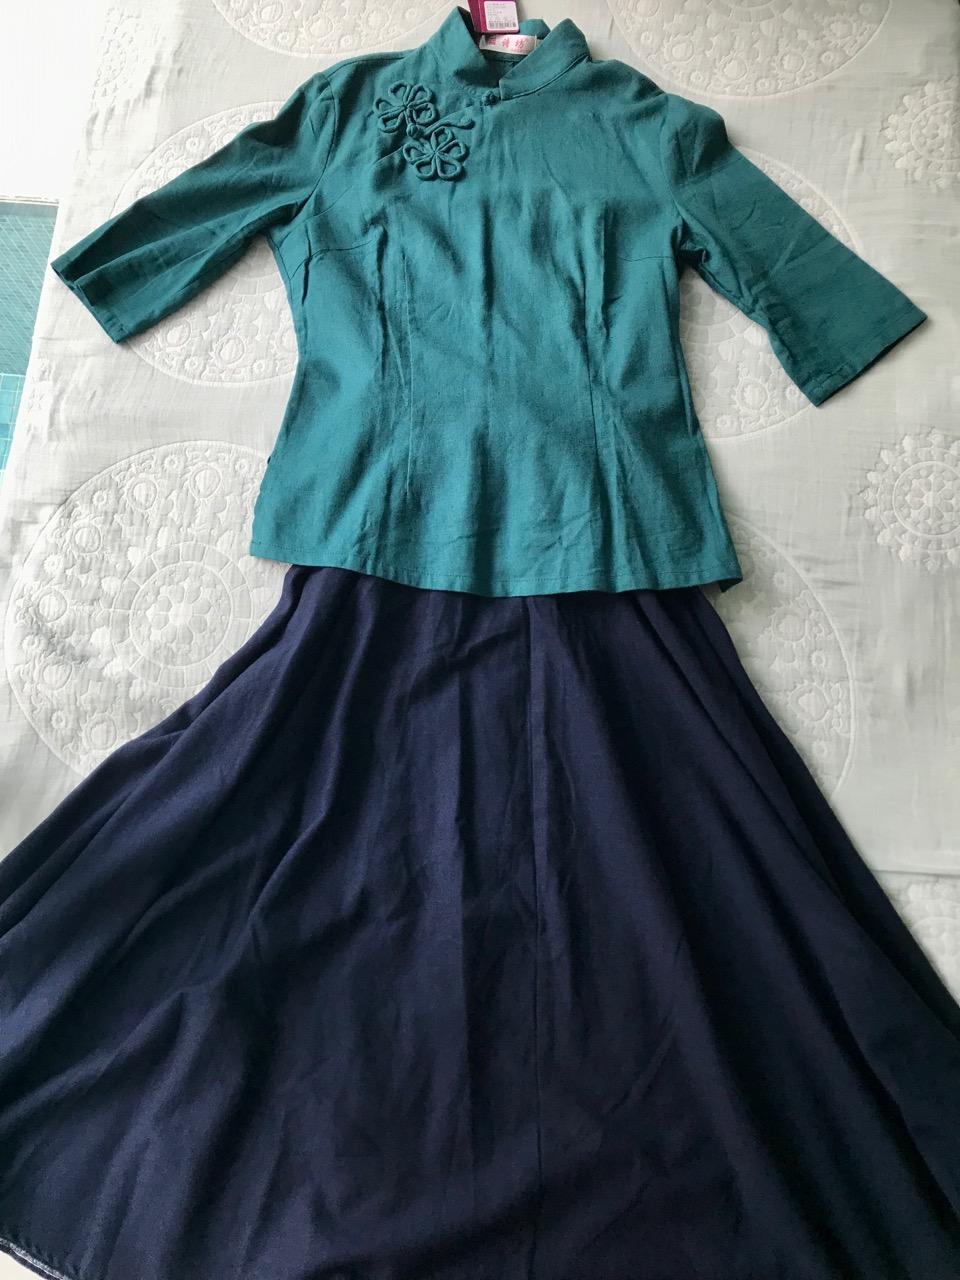 赠送藏青长裙,搭配在一起浓浓的民国风,适合新年新衣